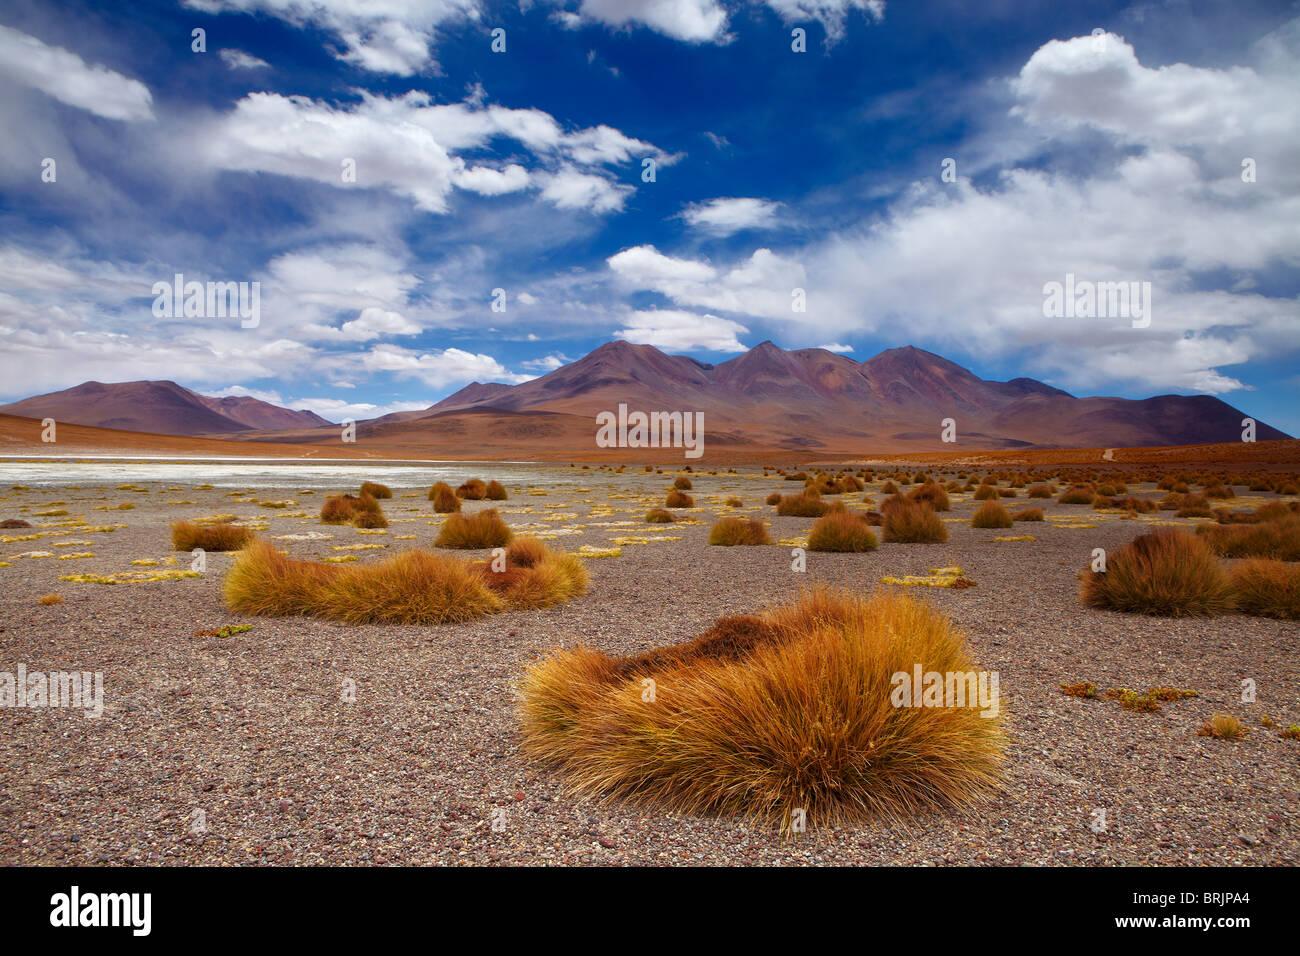 La région reculée de high desert, et les volcans de l'altiplano bolivien, près de Tapaquilcha Photo Stock